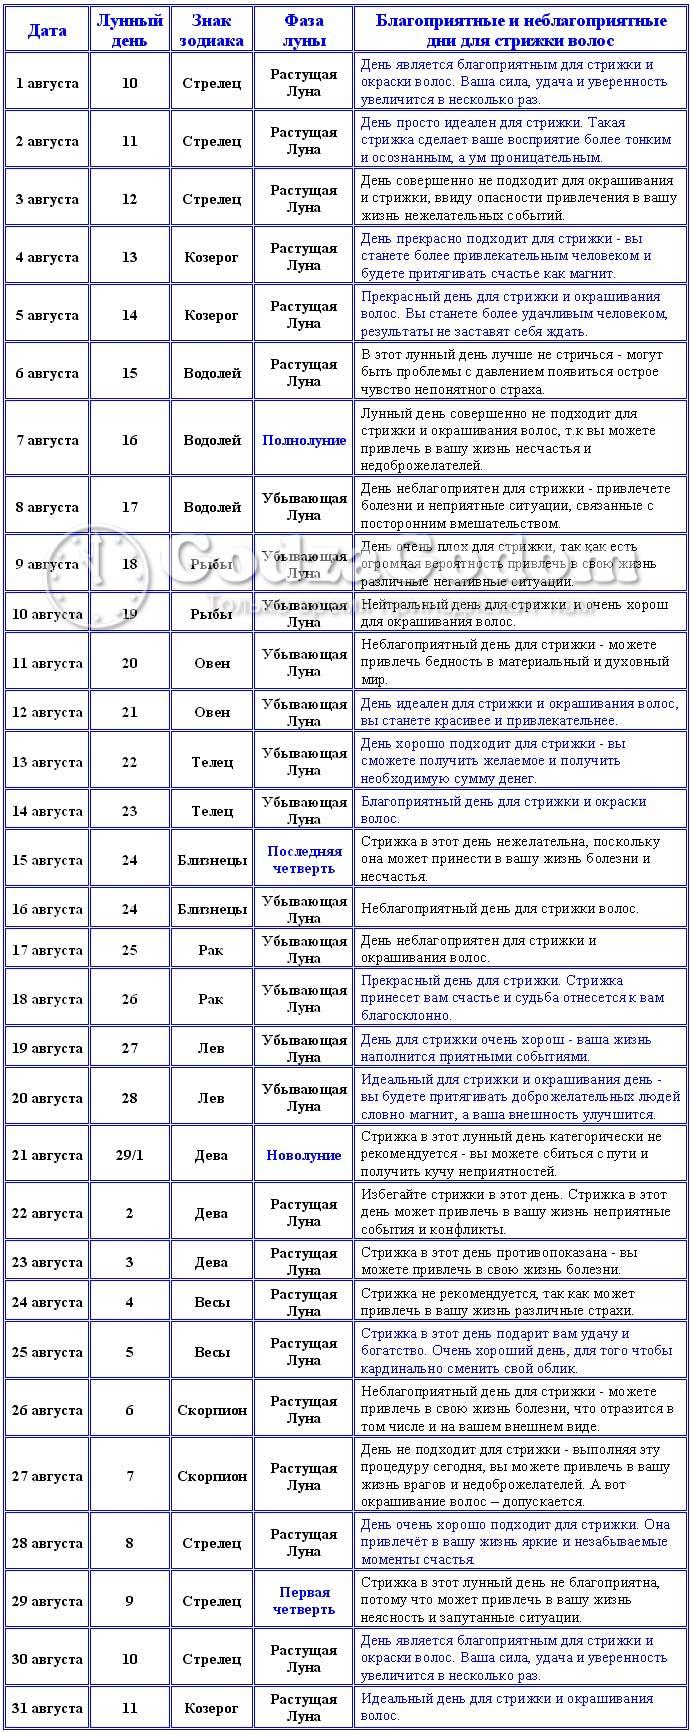 Таблица - Лунный календарь стрижек и окрашивания на август 2017 г.